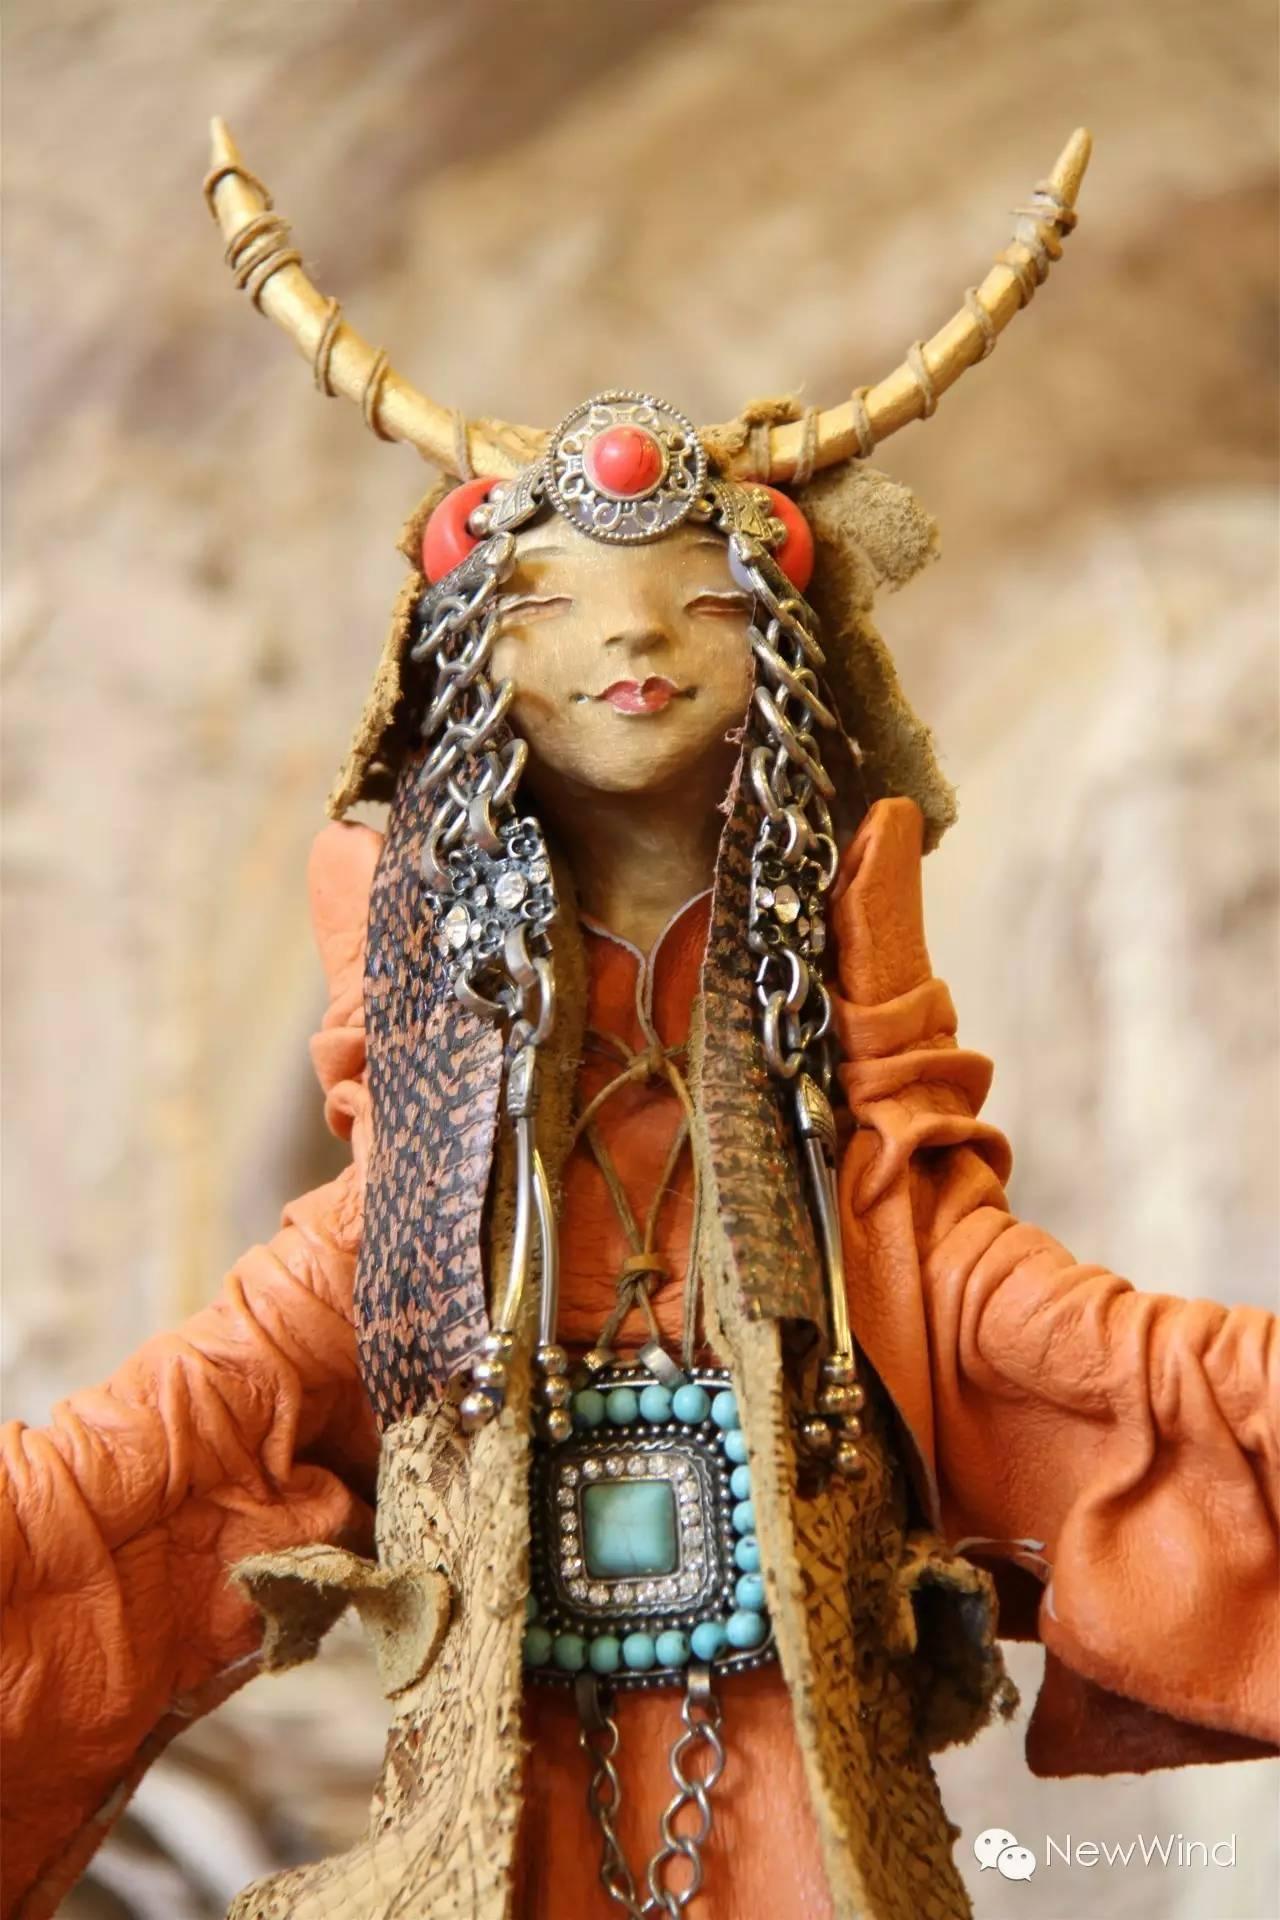 【艺术家】蒙古国画家 . 艺术家  - D.Gantugs 玩偶作品 第2张 【艺术家】蒙古国画家 . 艺术家  - D.Gantugs 玩偶作品 蒙古画廊